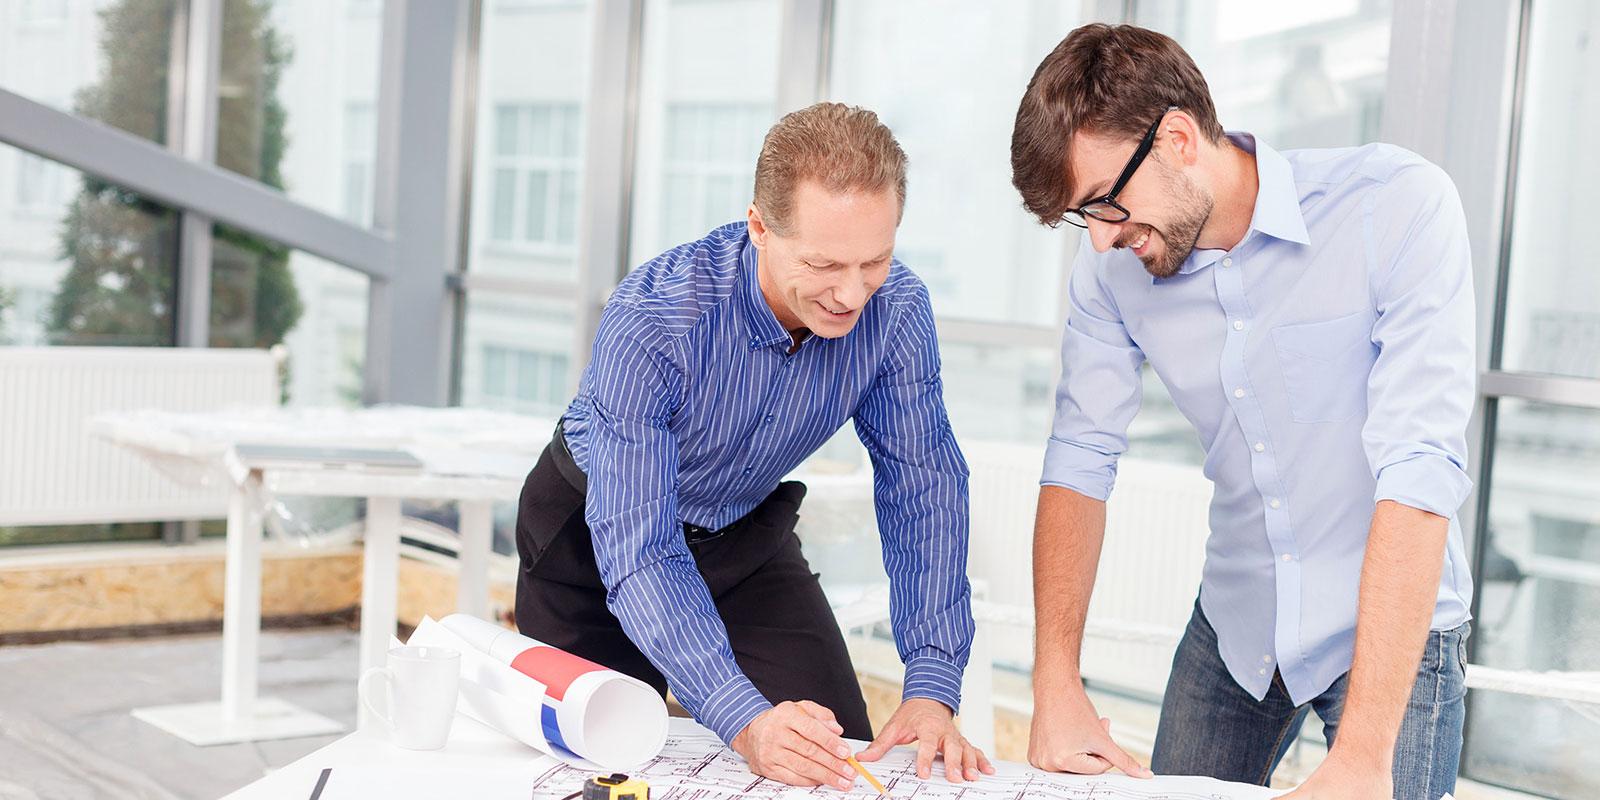 h ttenbrauck k lte und klimetechnik gmbh koblenz klimatechnik. Black Bedroom Furniture Sets. Home Design Ideas